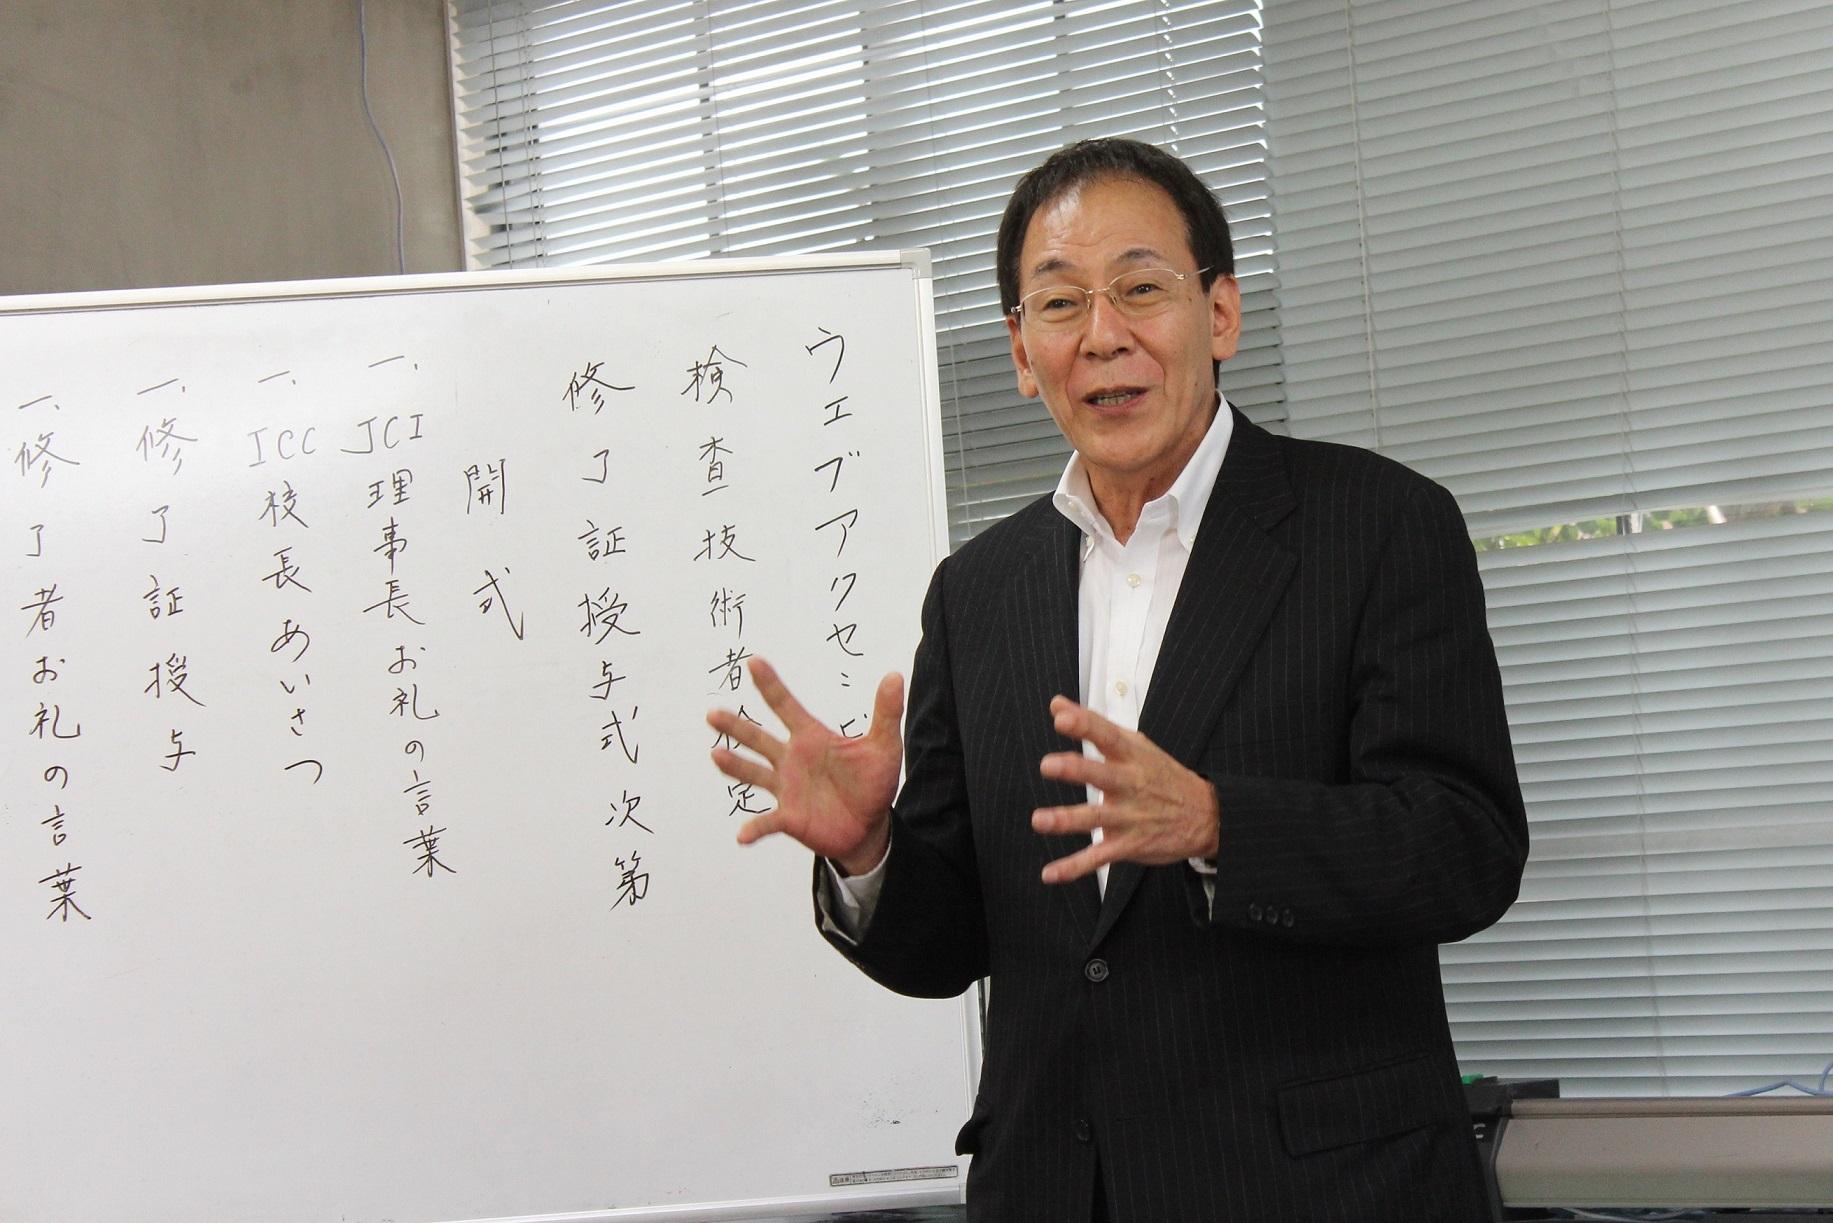 ICC校長加藤からおめでとう